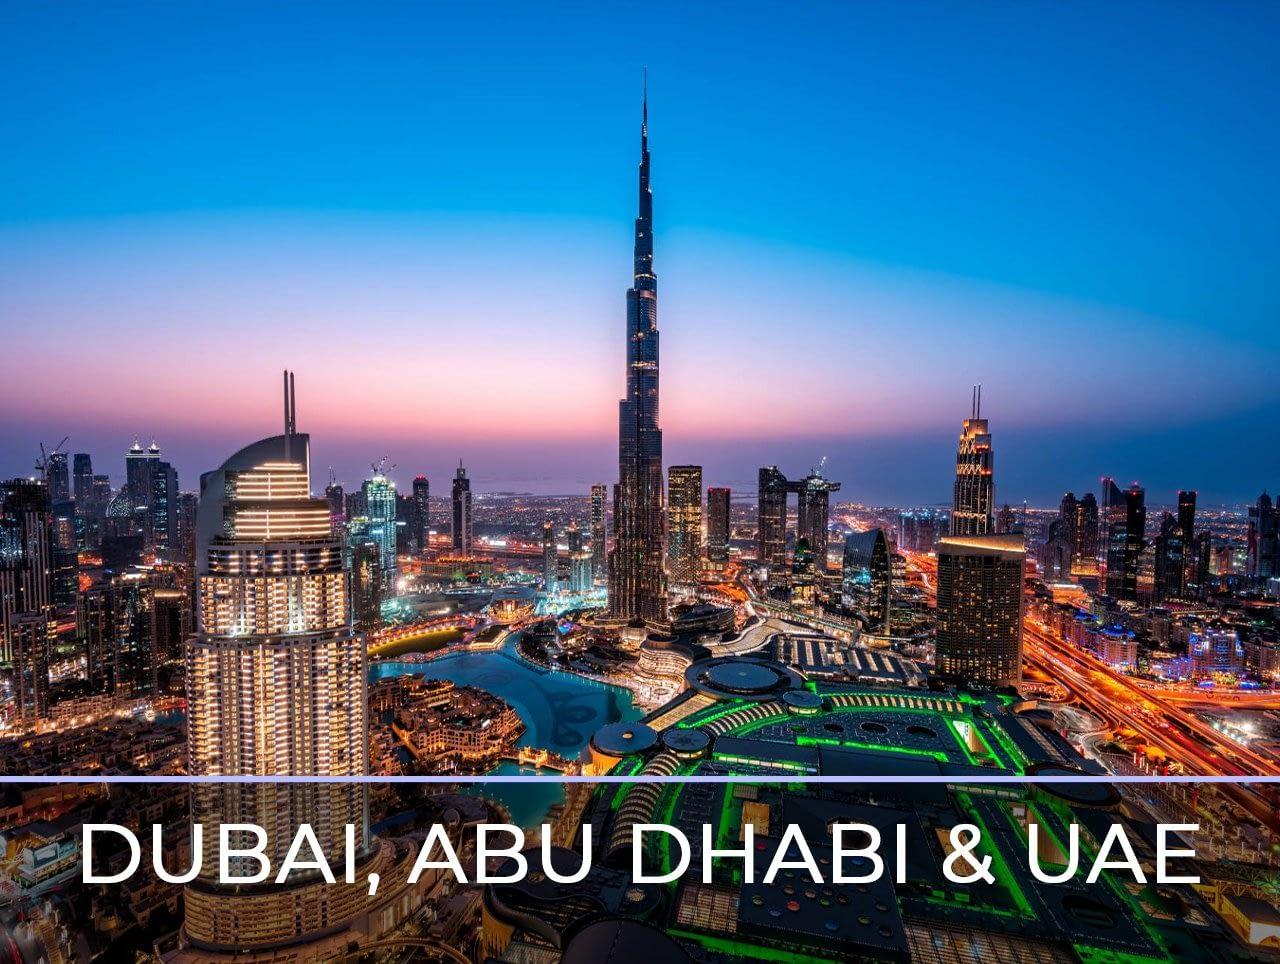 Dubai, UAE Entertainment website